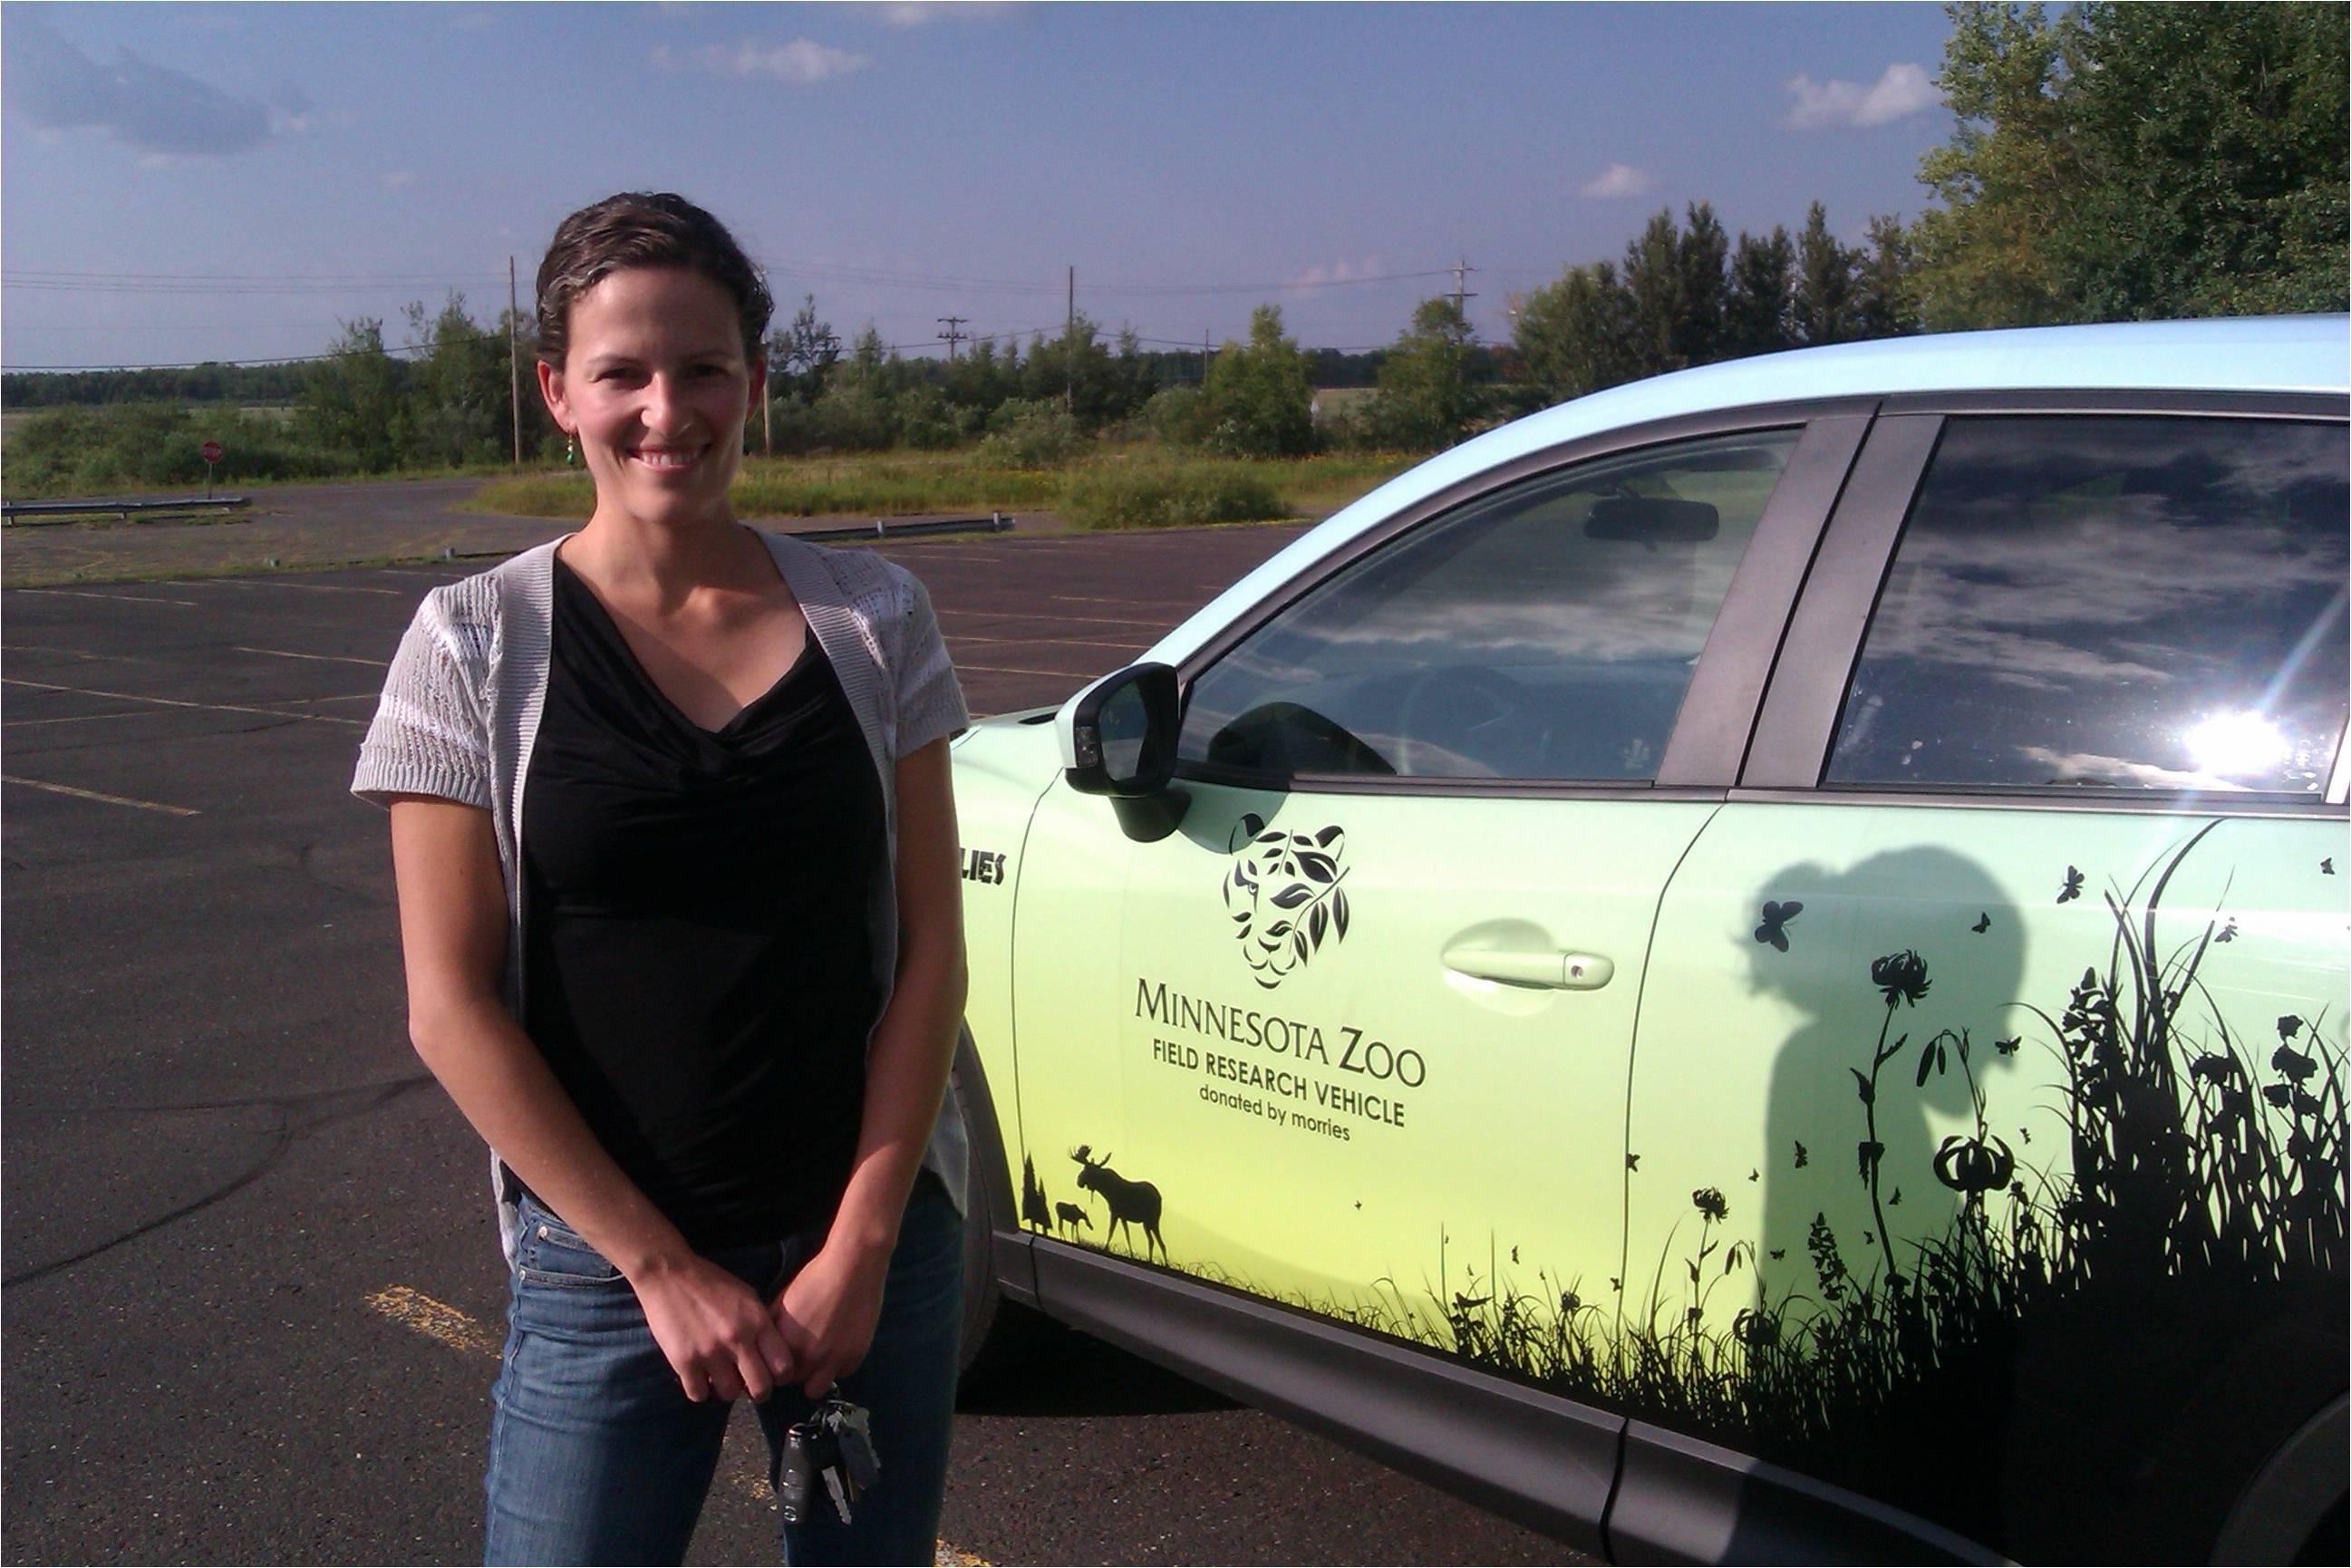 Kim VanderWaal with Morrie's vehicle